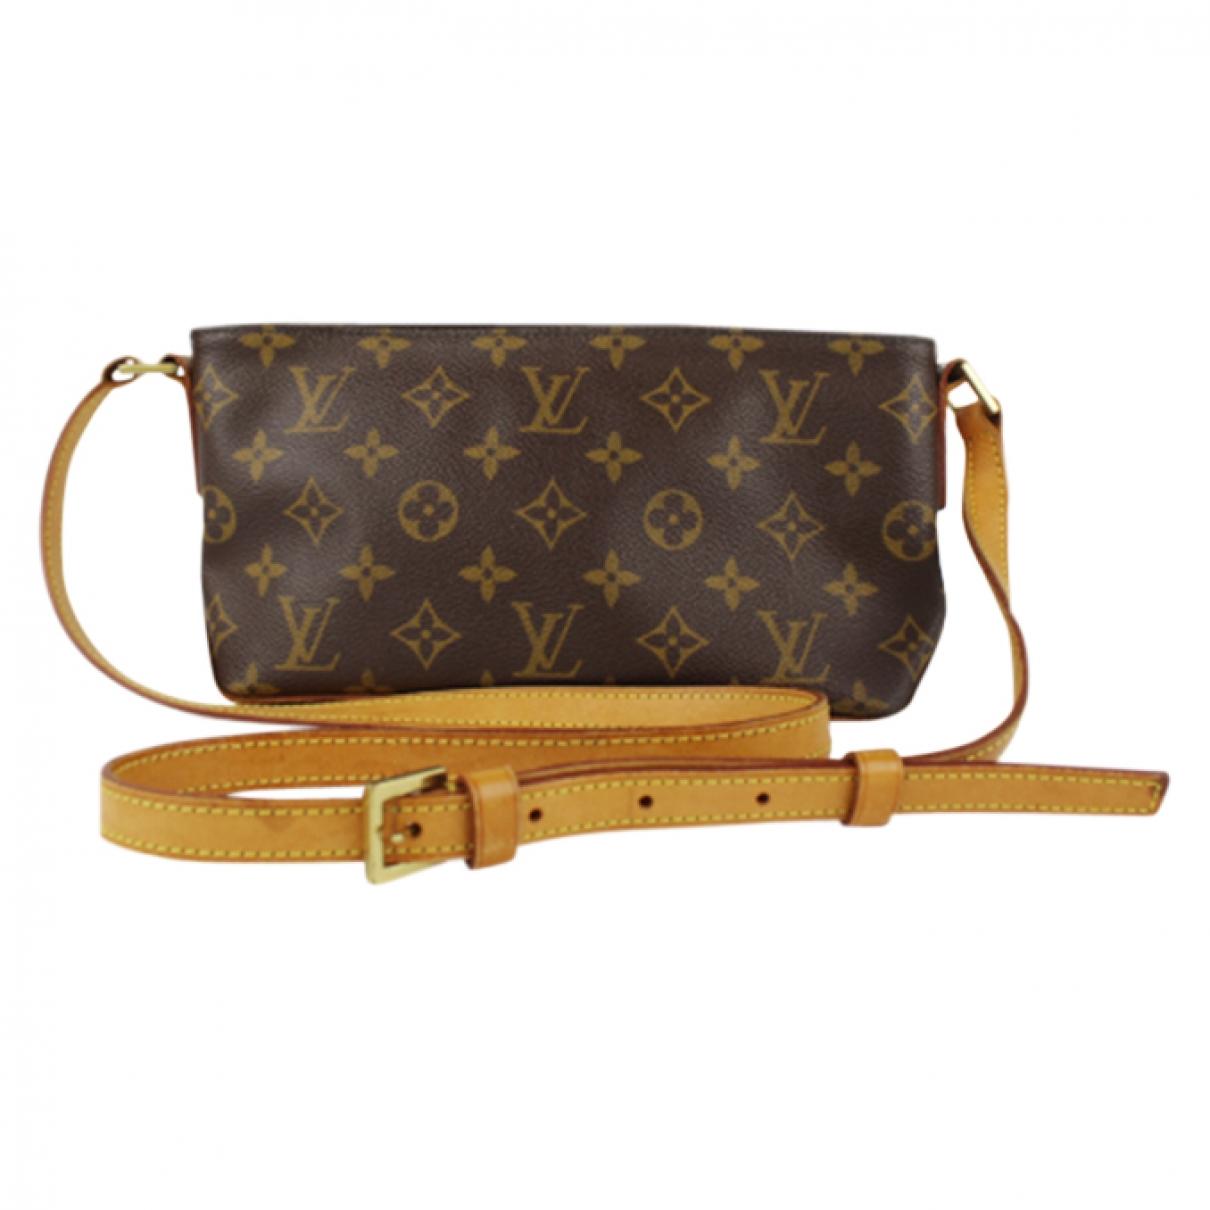 Louis Vuitton - Sac a main Trotteur pour femme en toile - marron